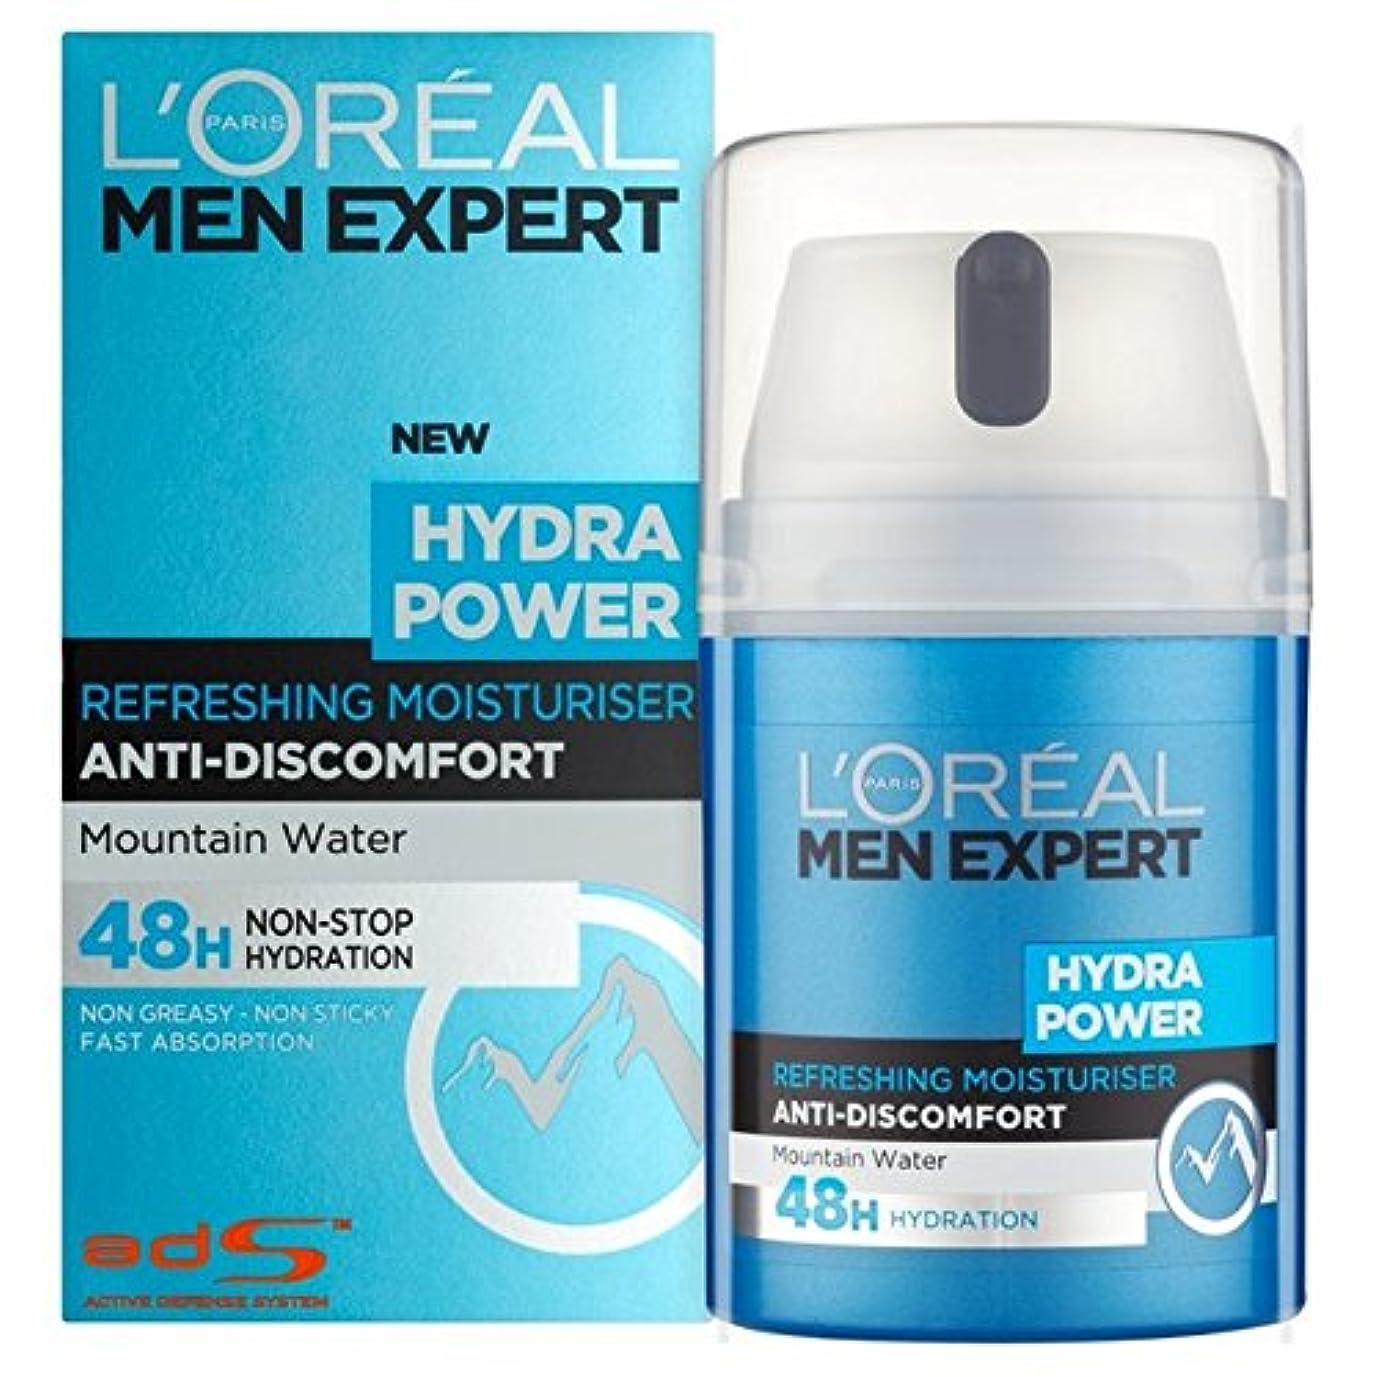 ダニ配偶者文字通りL'Oreal Paris Men Expert Hydra Power Refreshing Moisturiser 50ml - ロレアルパリのメンズ専門ヒドラ電源爽やか保湿50ミリリットル [並行輸入品]